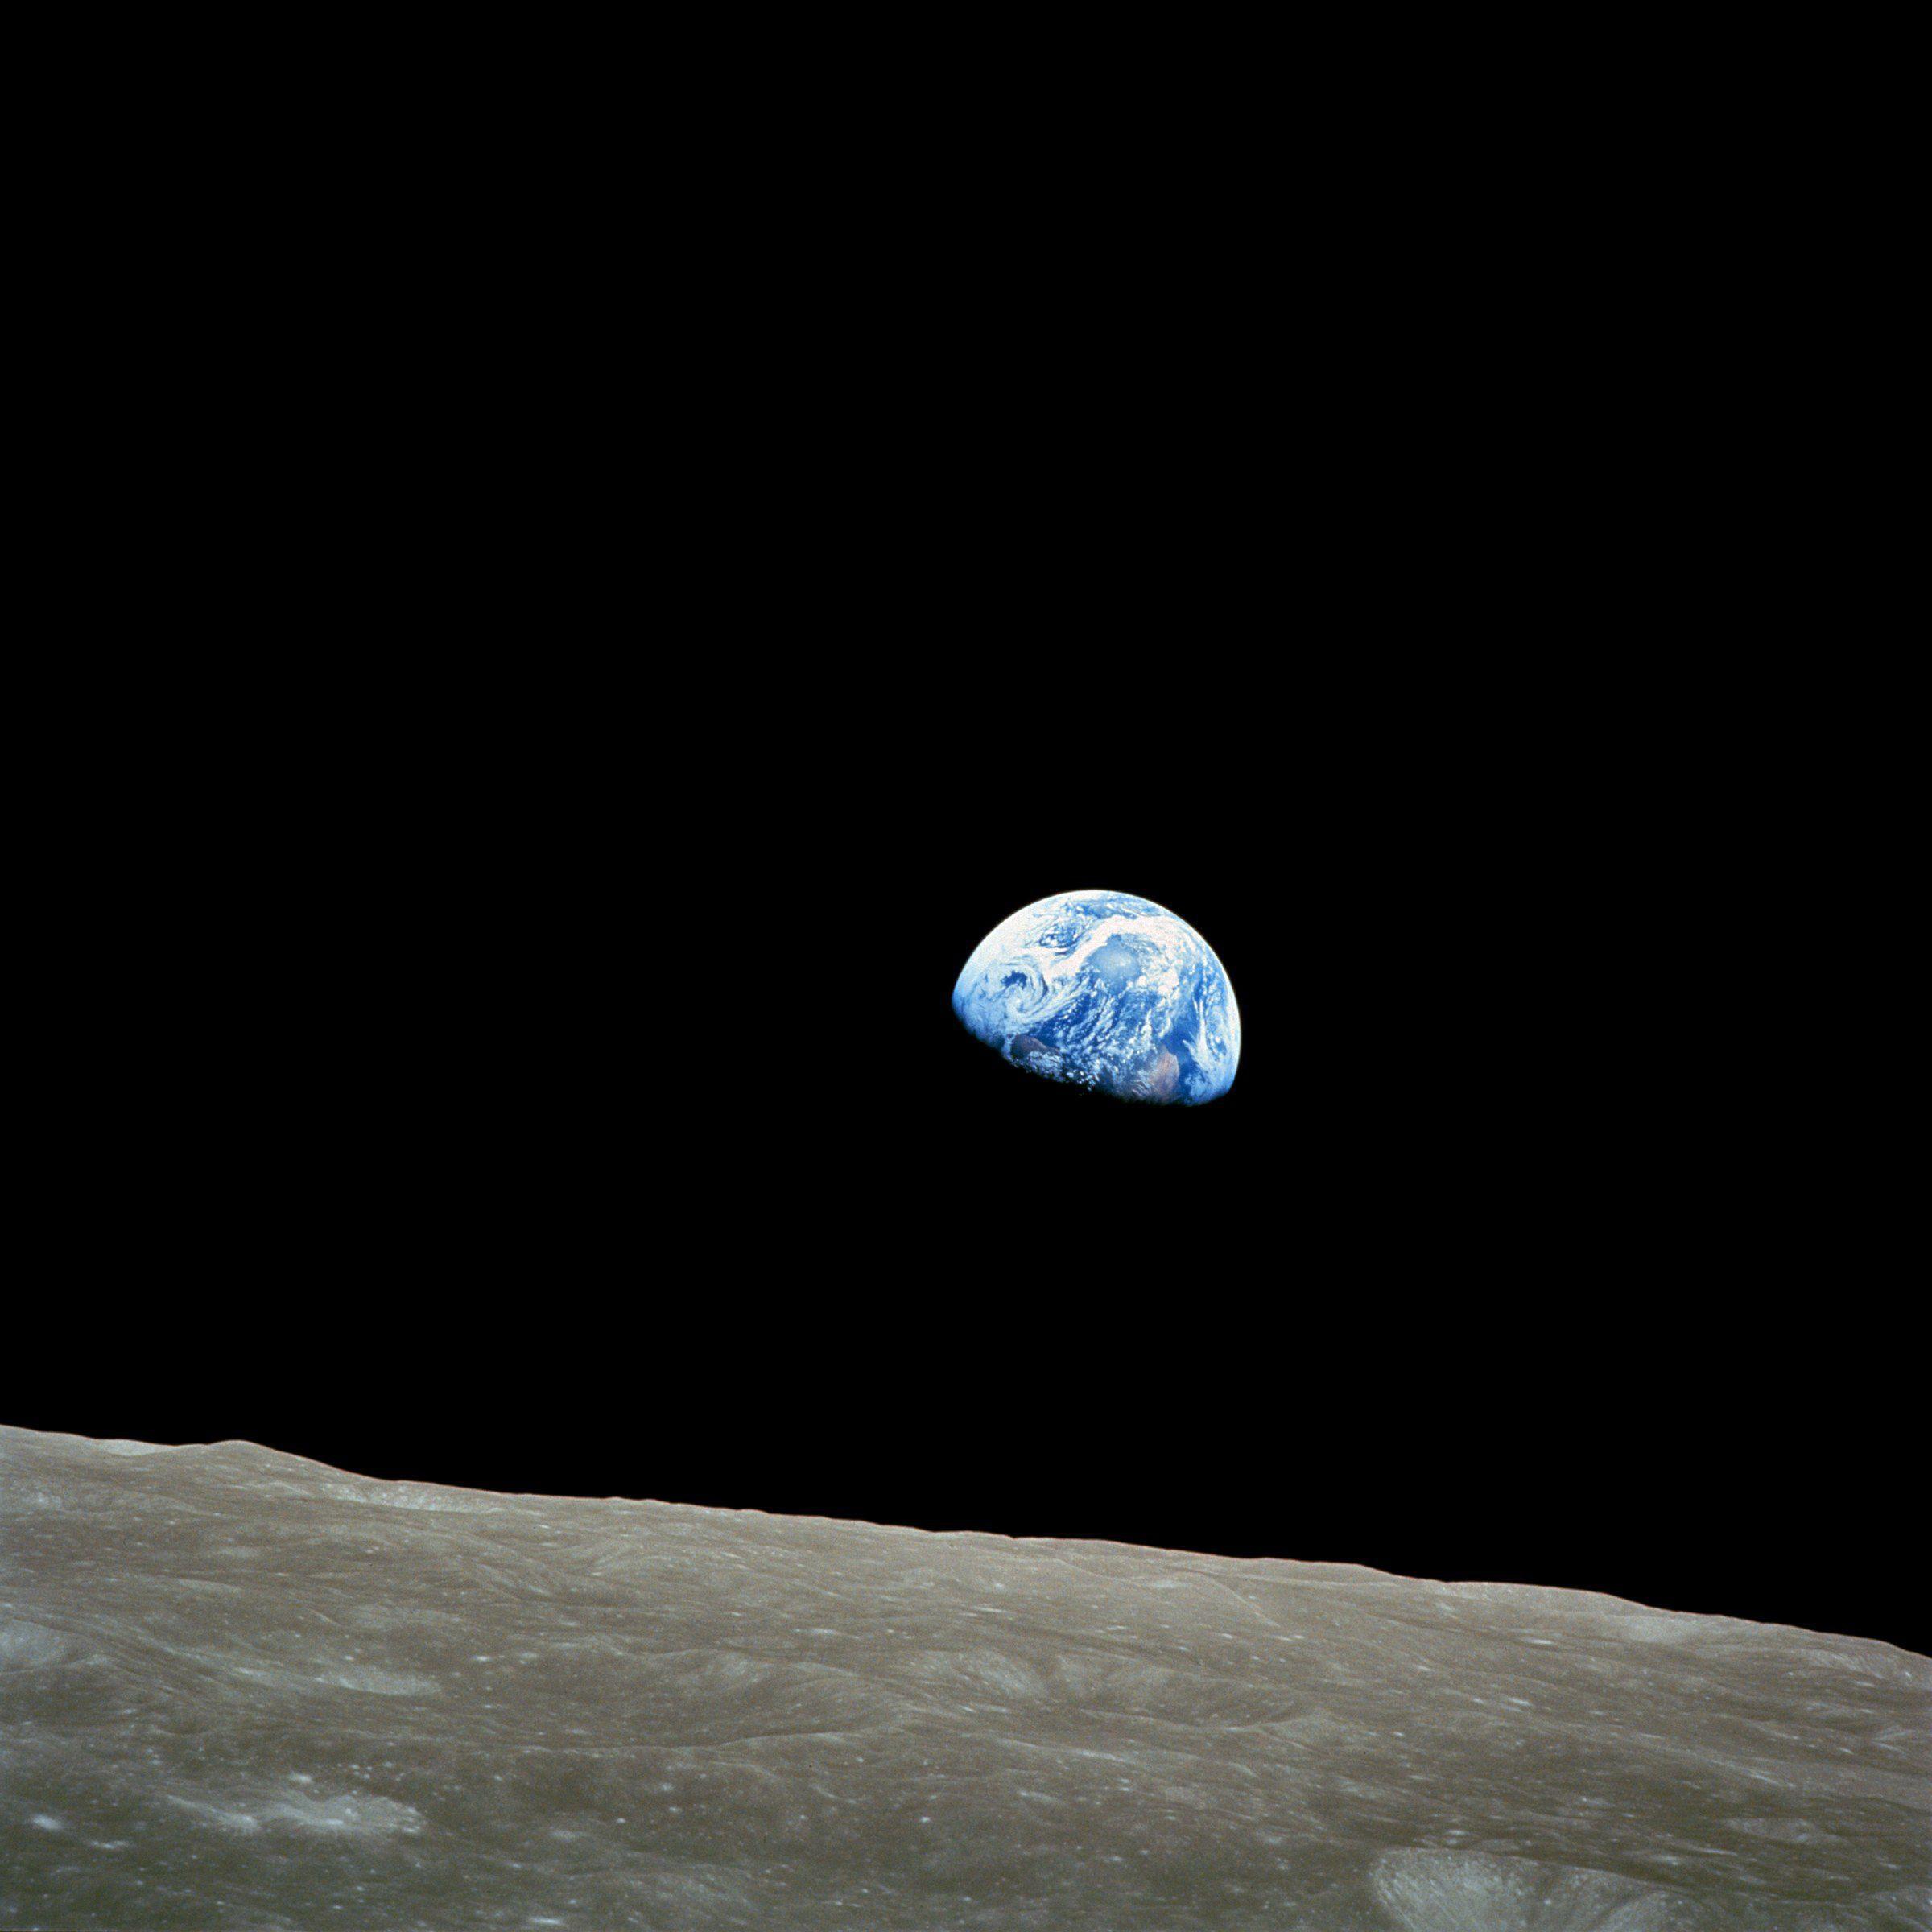 Sonda chinesa faz pouso inédito no 'lado oculto da lua'